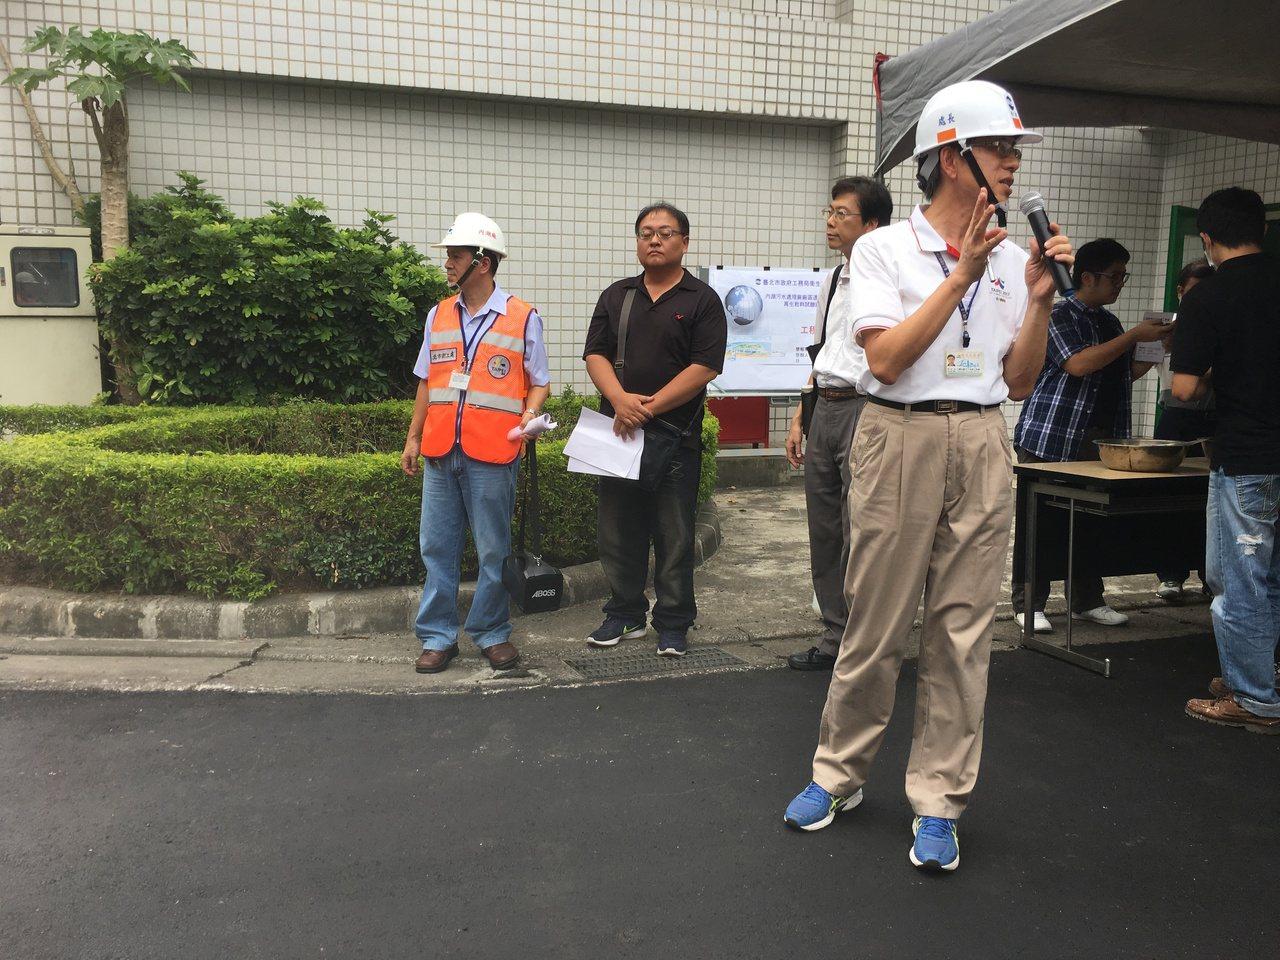 衛工處今天舉行記者會,介紹用新鋪路材料。記者張世杰/攝影